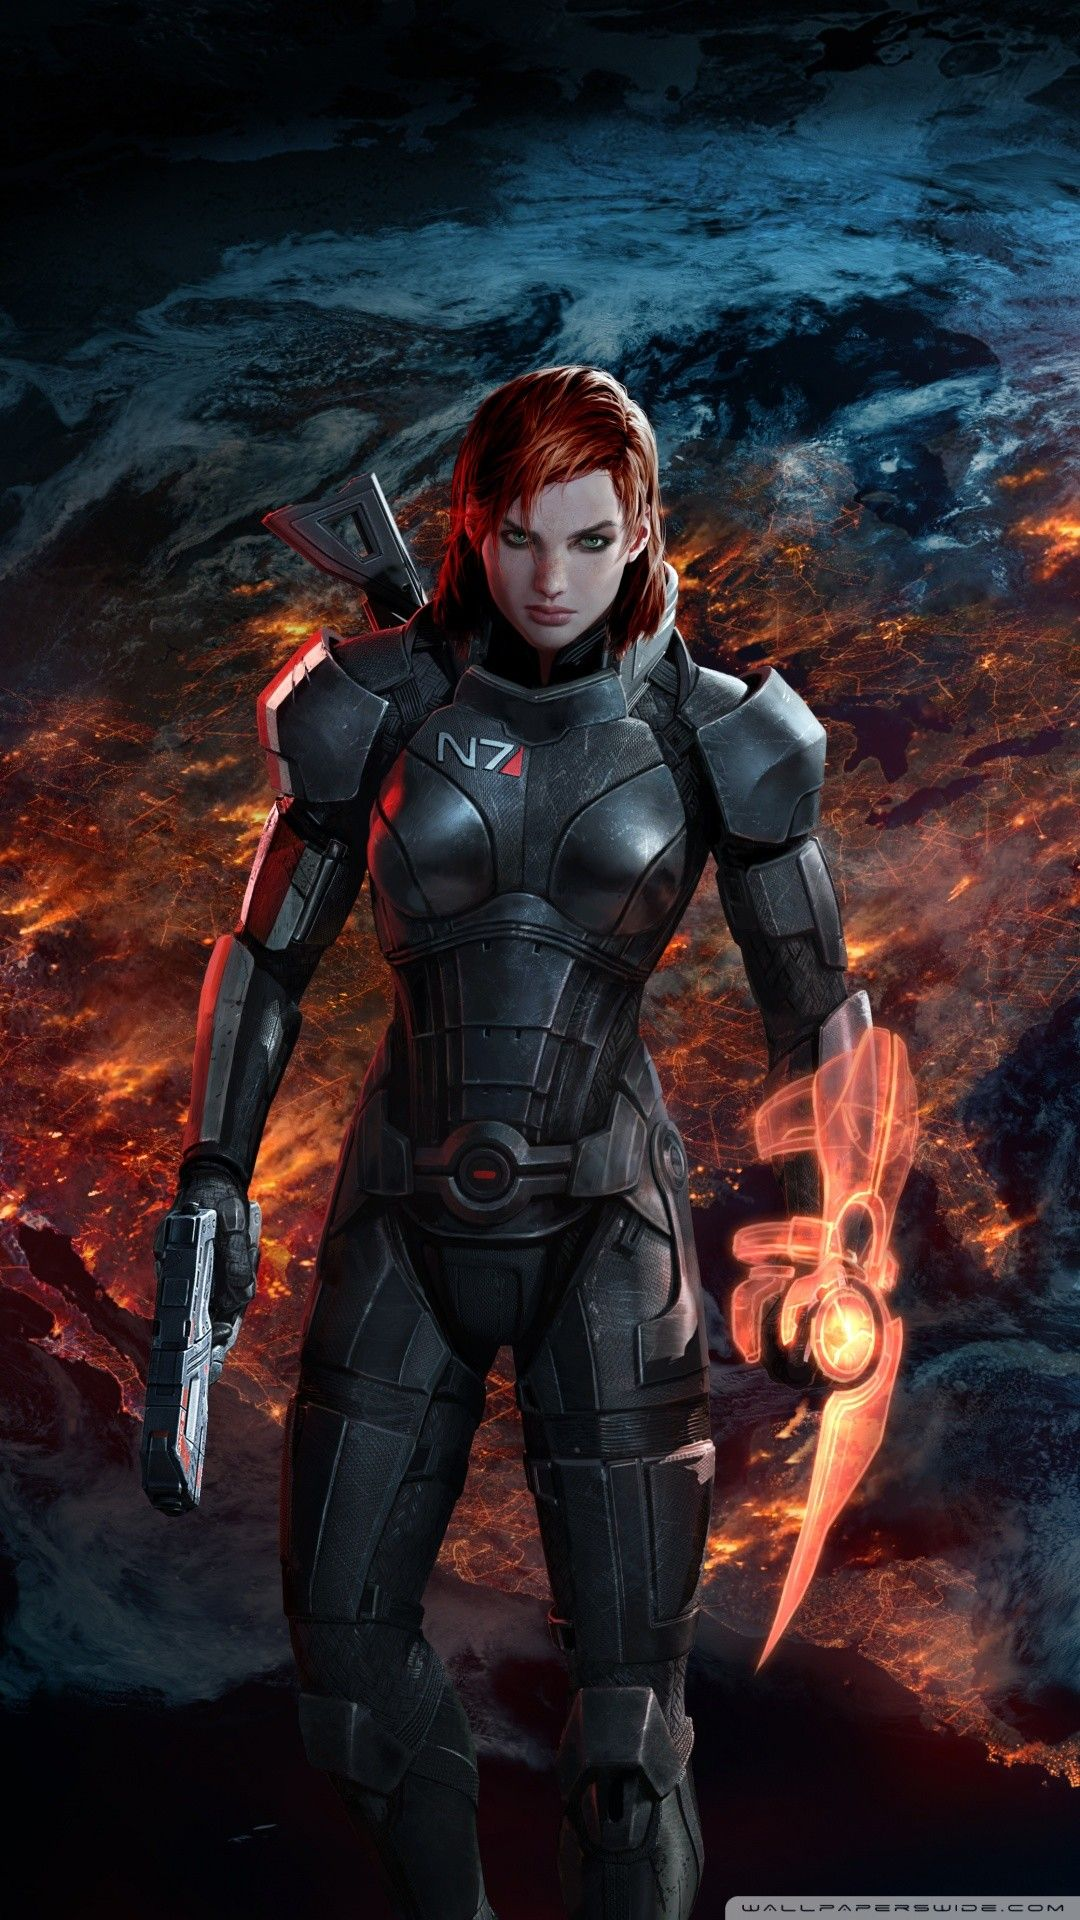 Free Mass Effect 3 Femshep Phone Wallpaper By Paul63 Mass